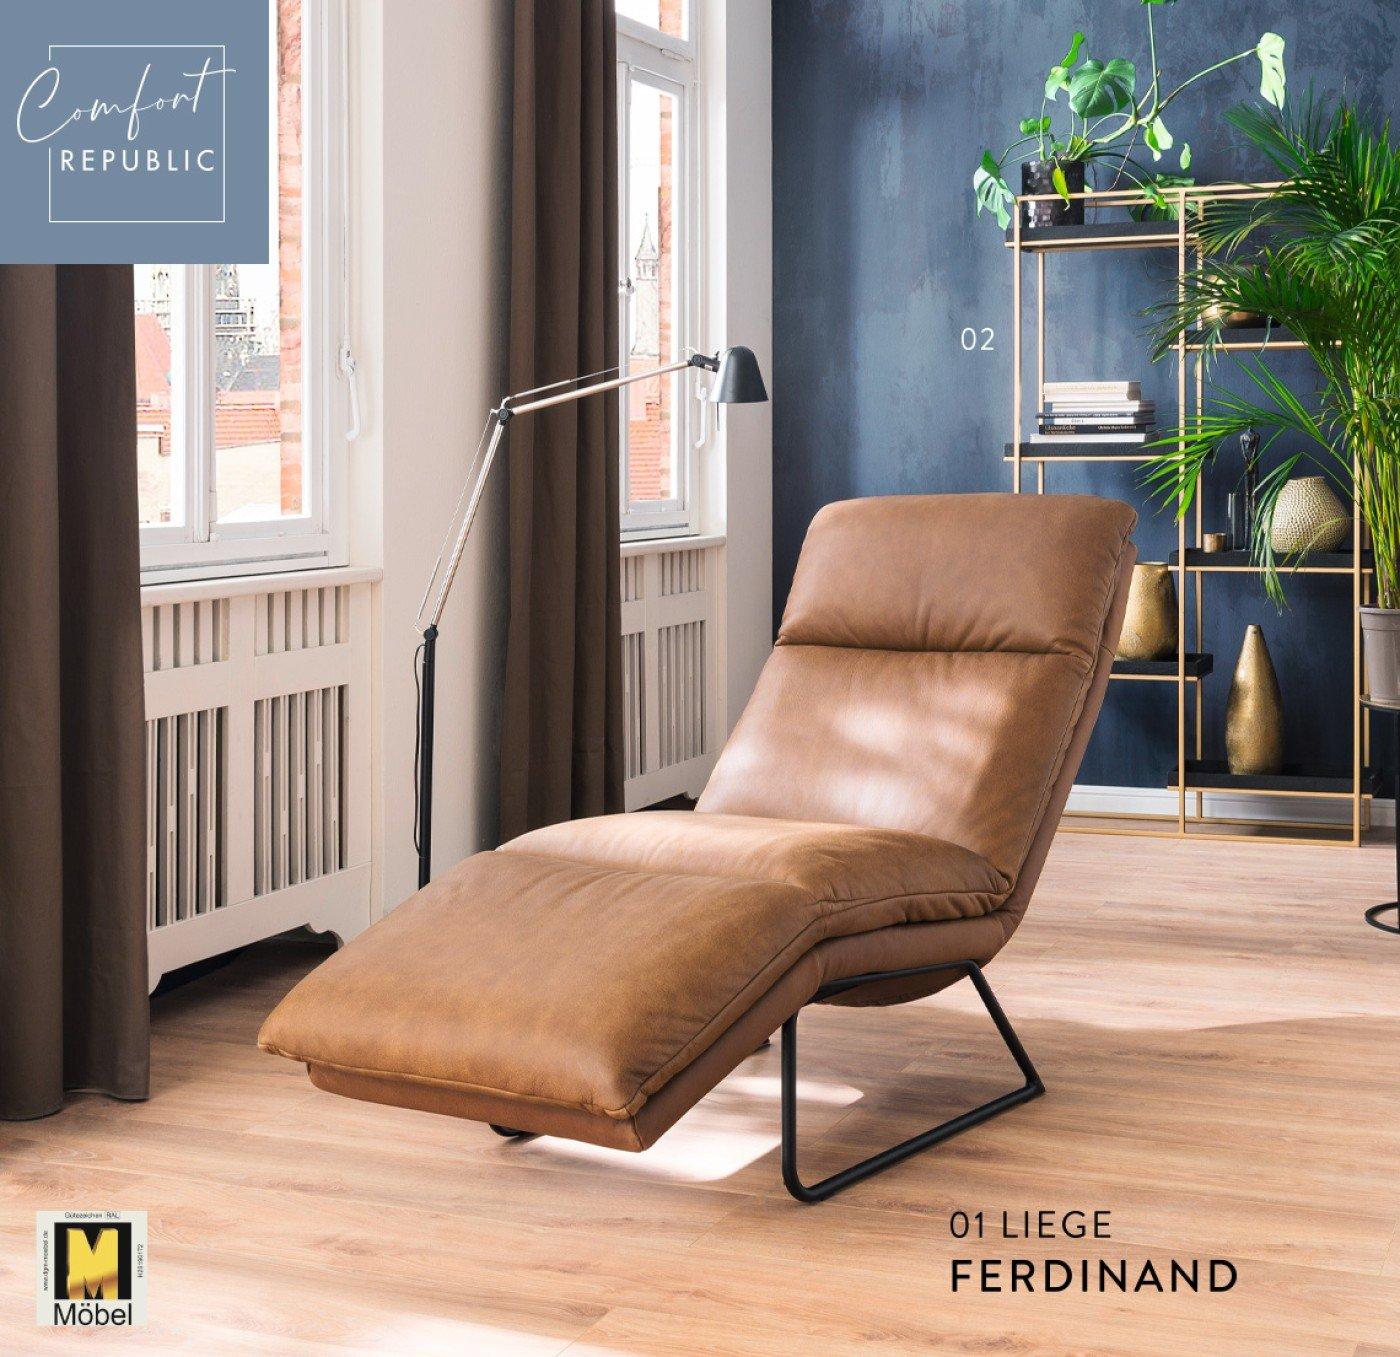 Liege Ferdinand